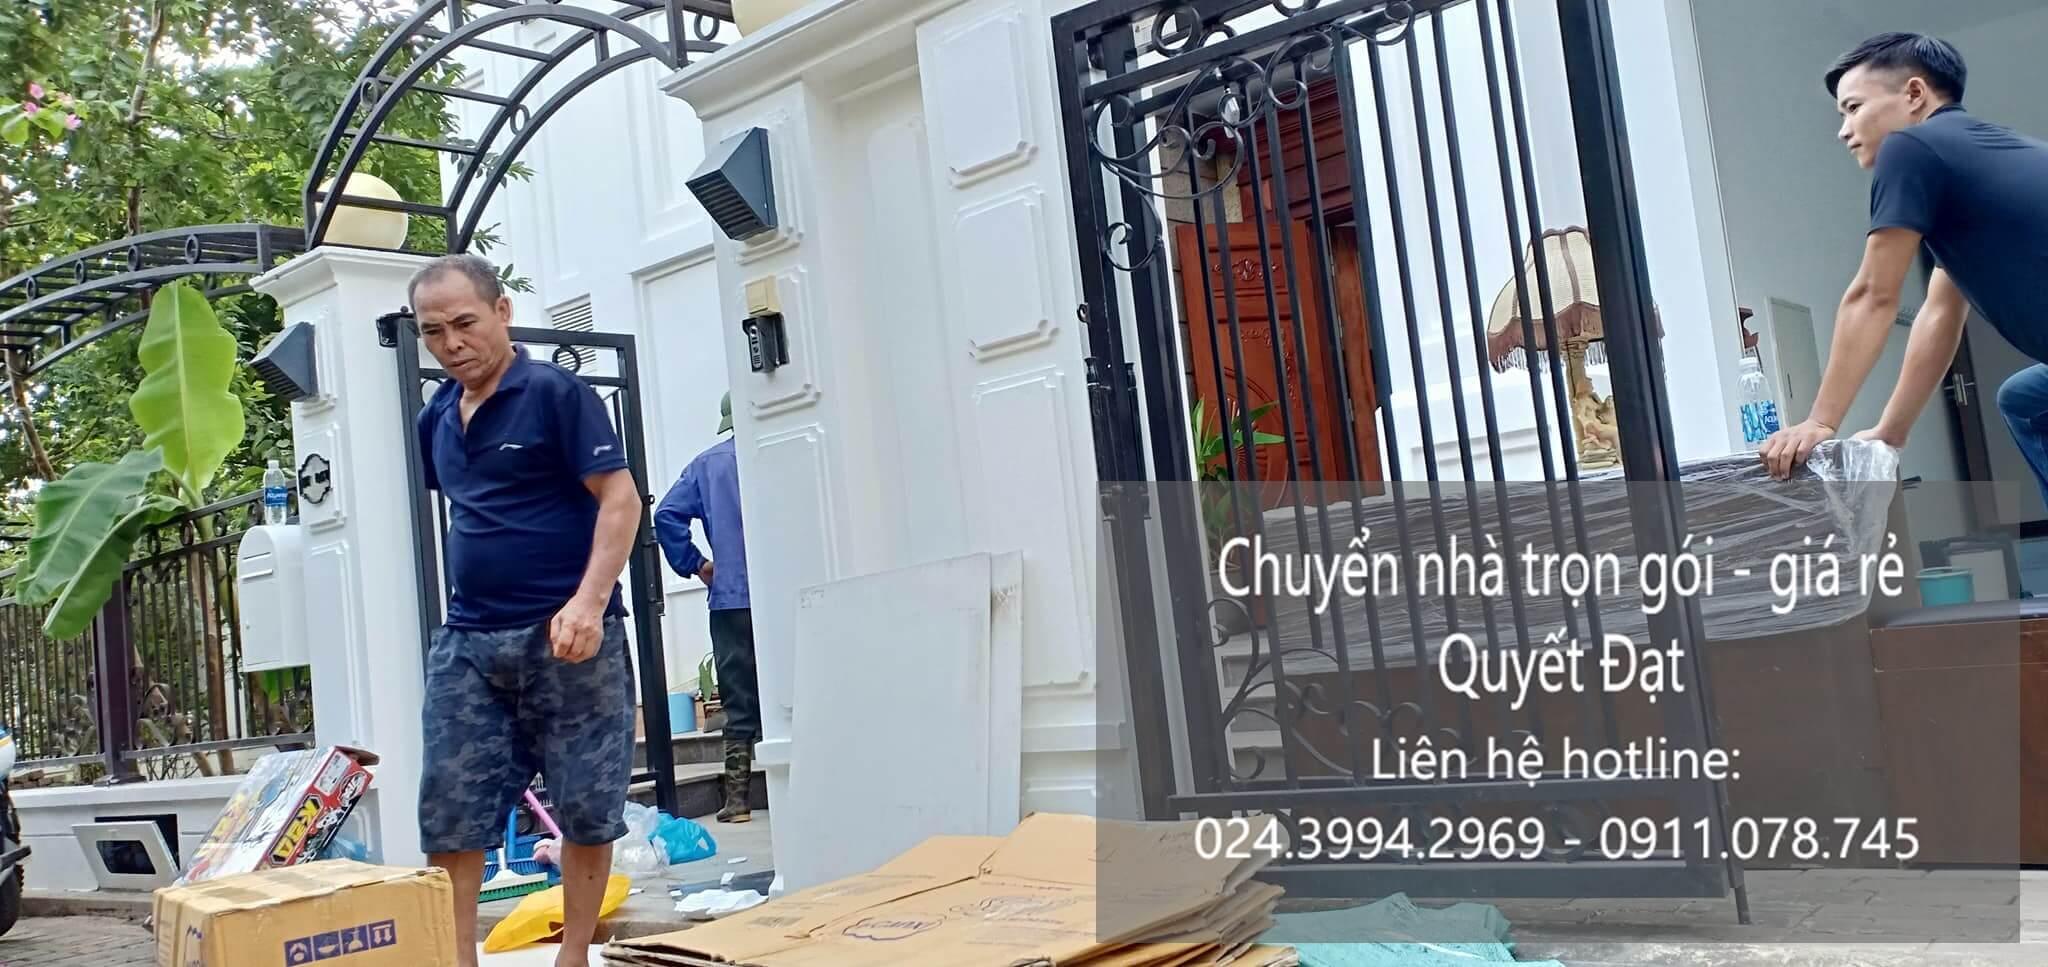 Dịch vụ chuyển nhà trọn gói tại đường Phùng Khoang